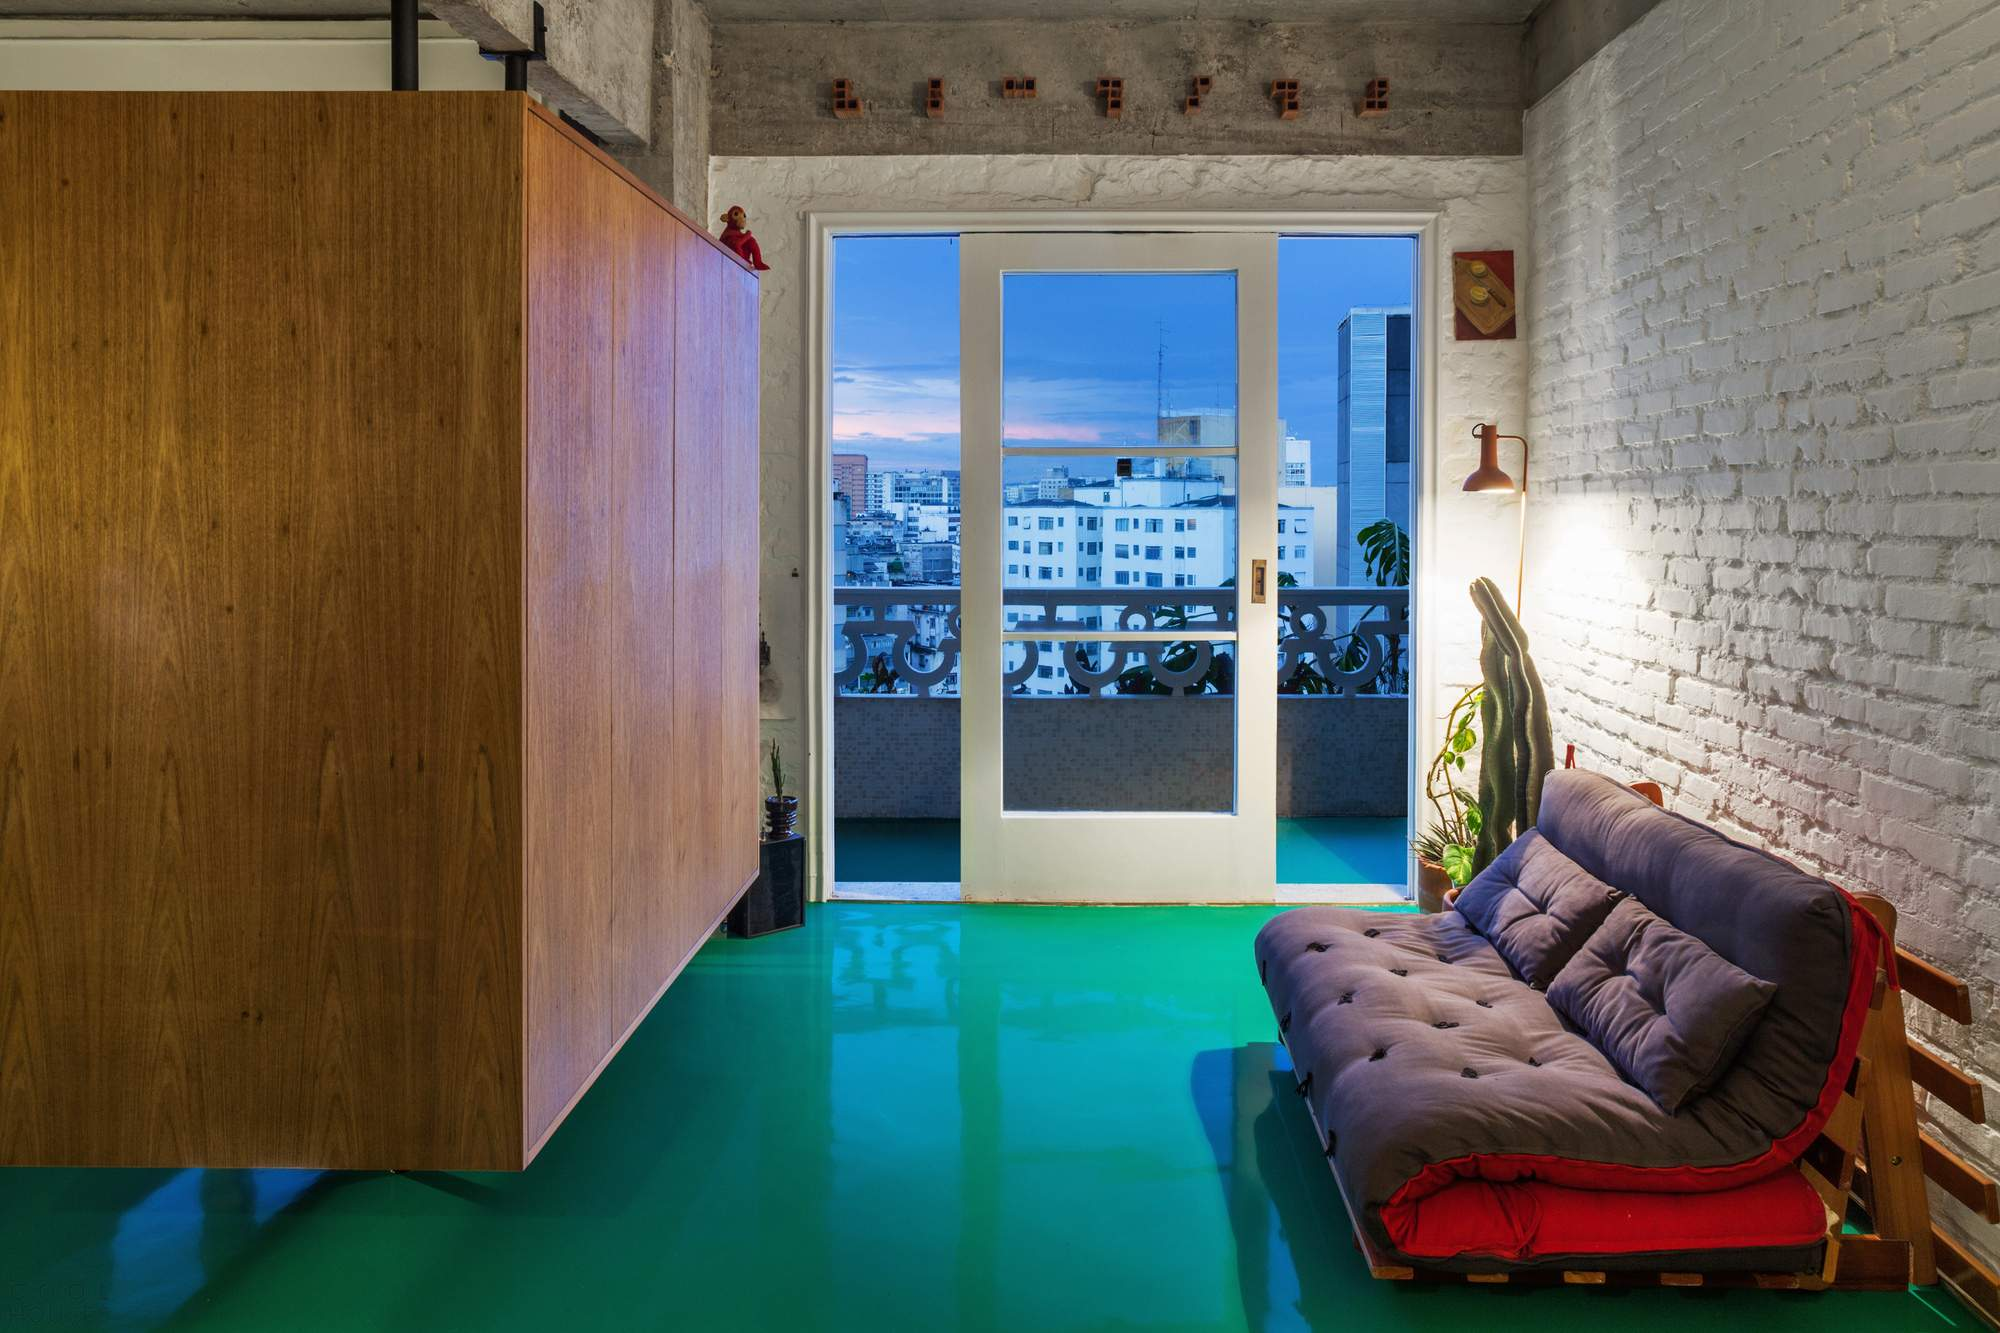 Квартира с «плавающей» мебелью в Сан-Паулу, Бразилия